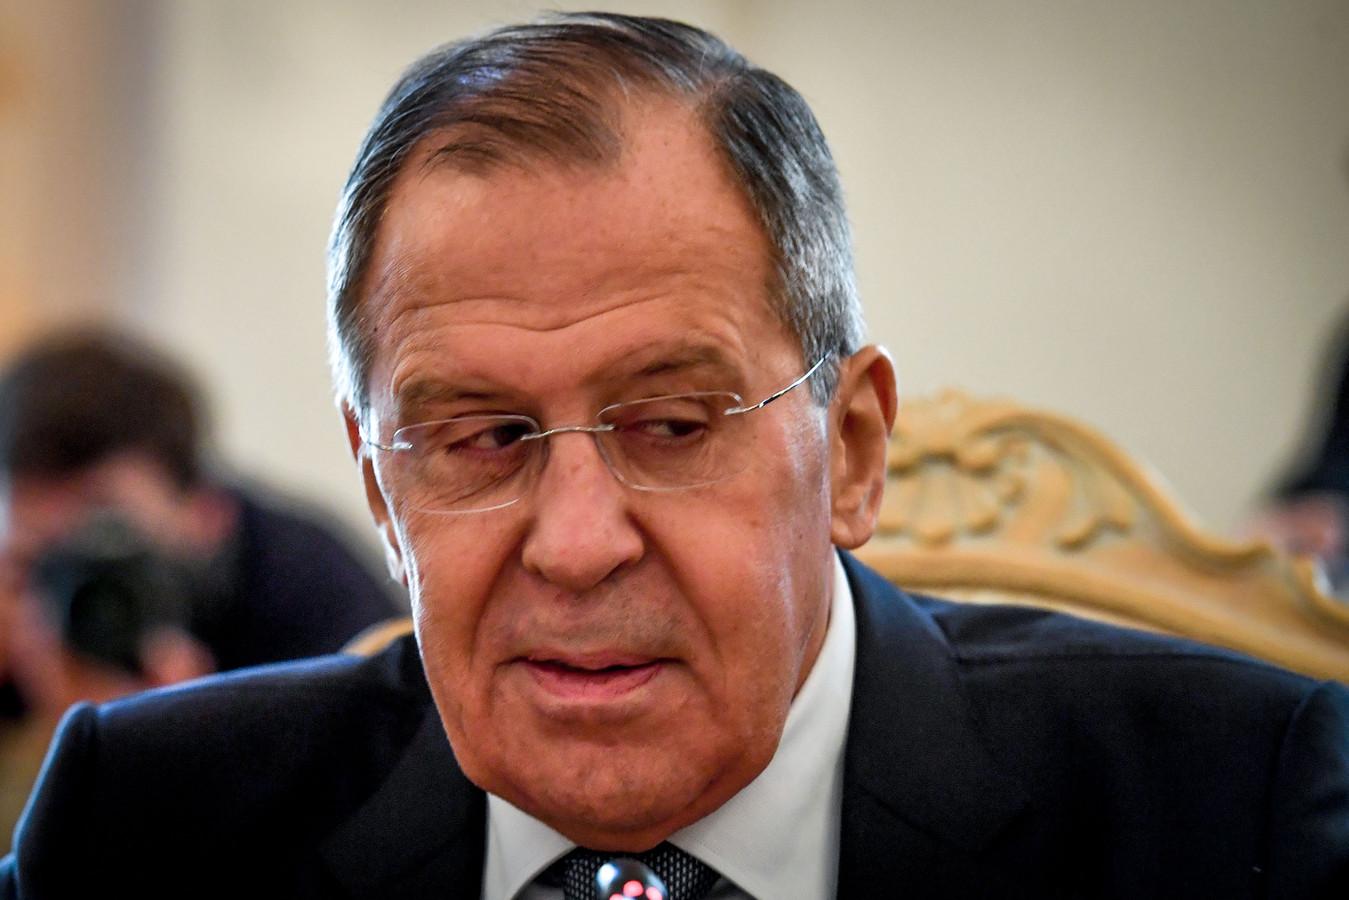 Volgens Sergej Lavrov is Skripal vergiftigd met een stof die niet in Rusland gemaakt is.